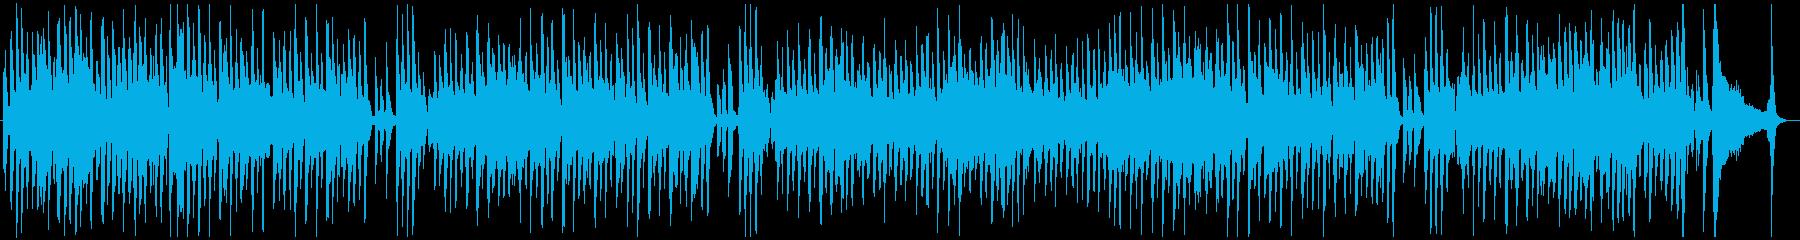 軽快なリズムの中の臨場感の再生済みの波形